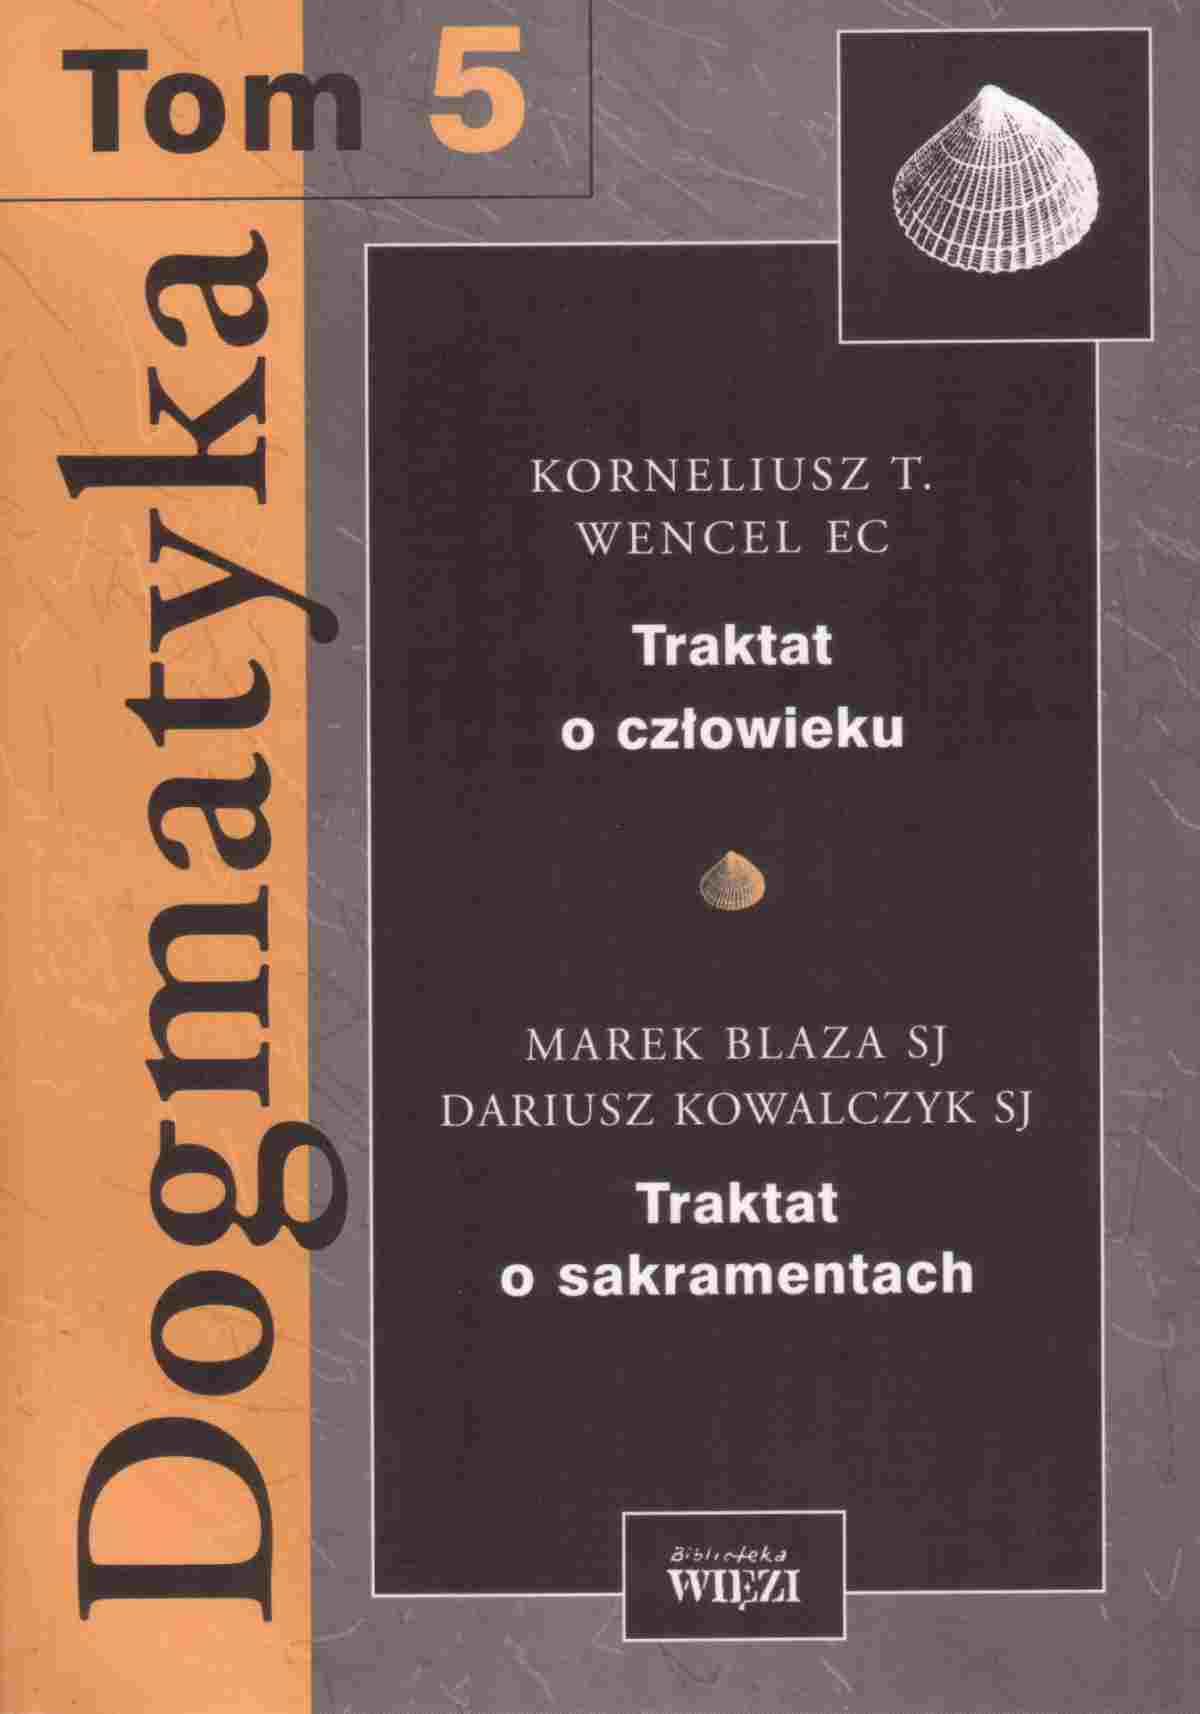 Dogmatyka. Tom 5 - Ebook (Książka EPUB) do pobrania w formacie EPUB